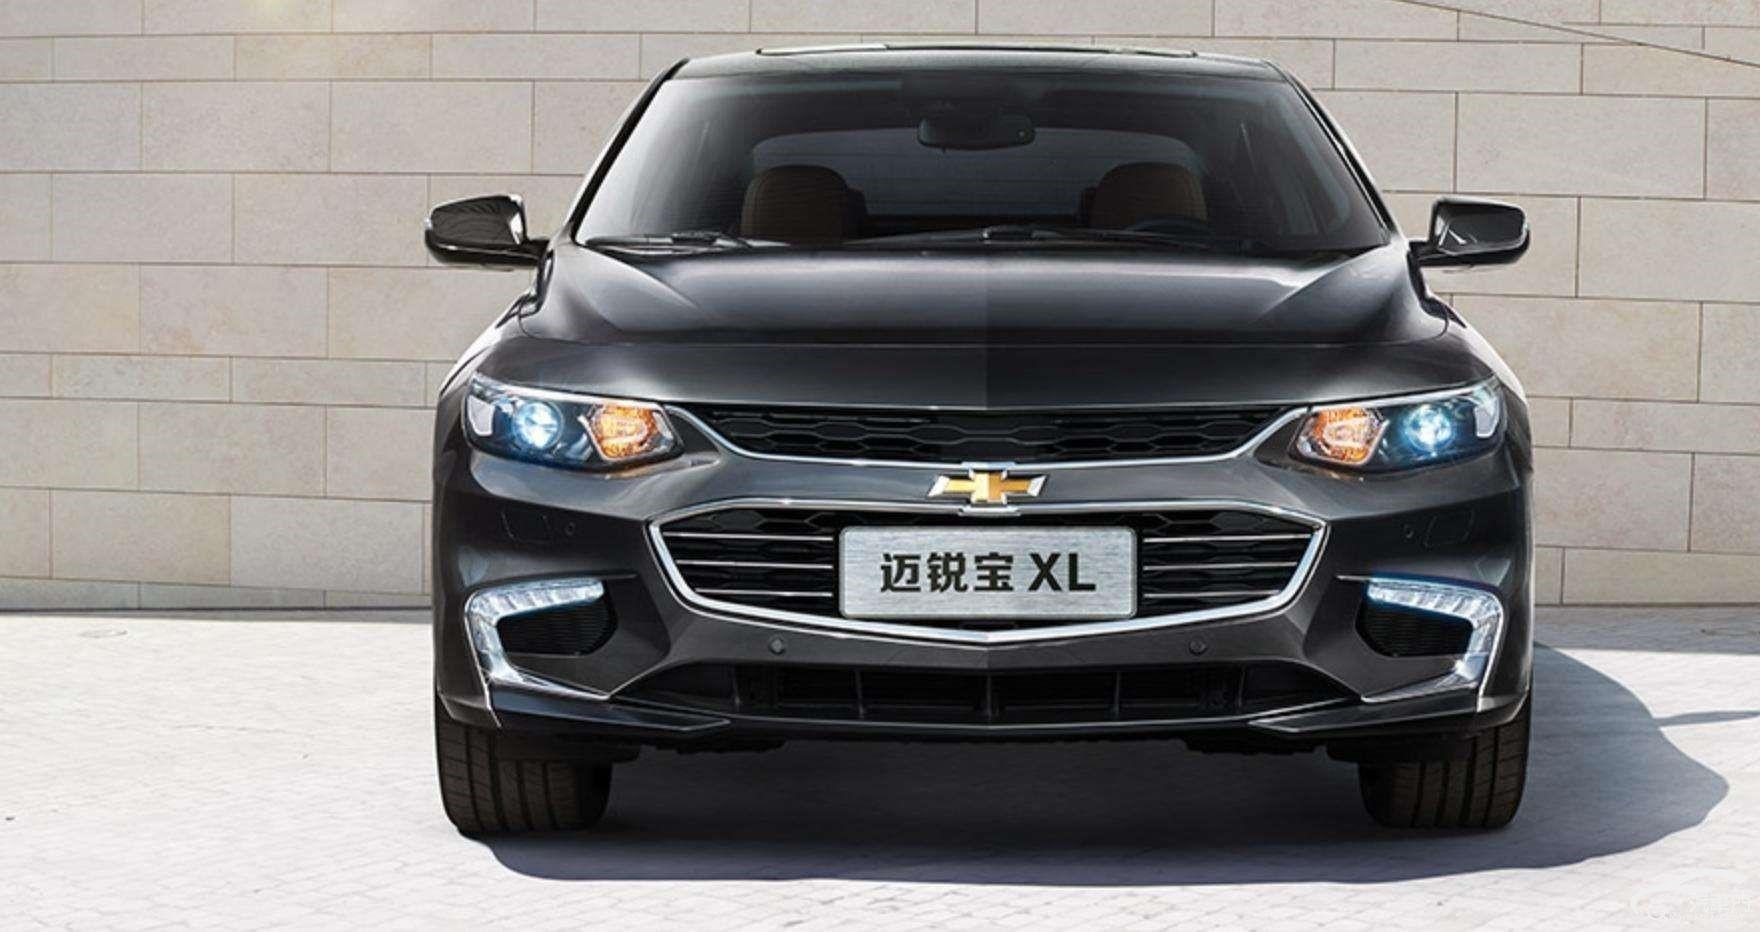 多名车主投诉:迈锐宝XL出保就异响 自费维修要2000元